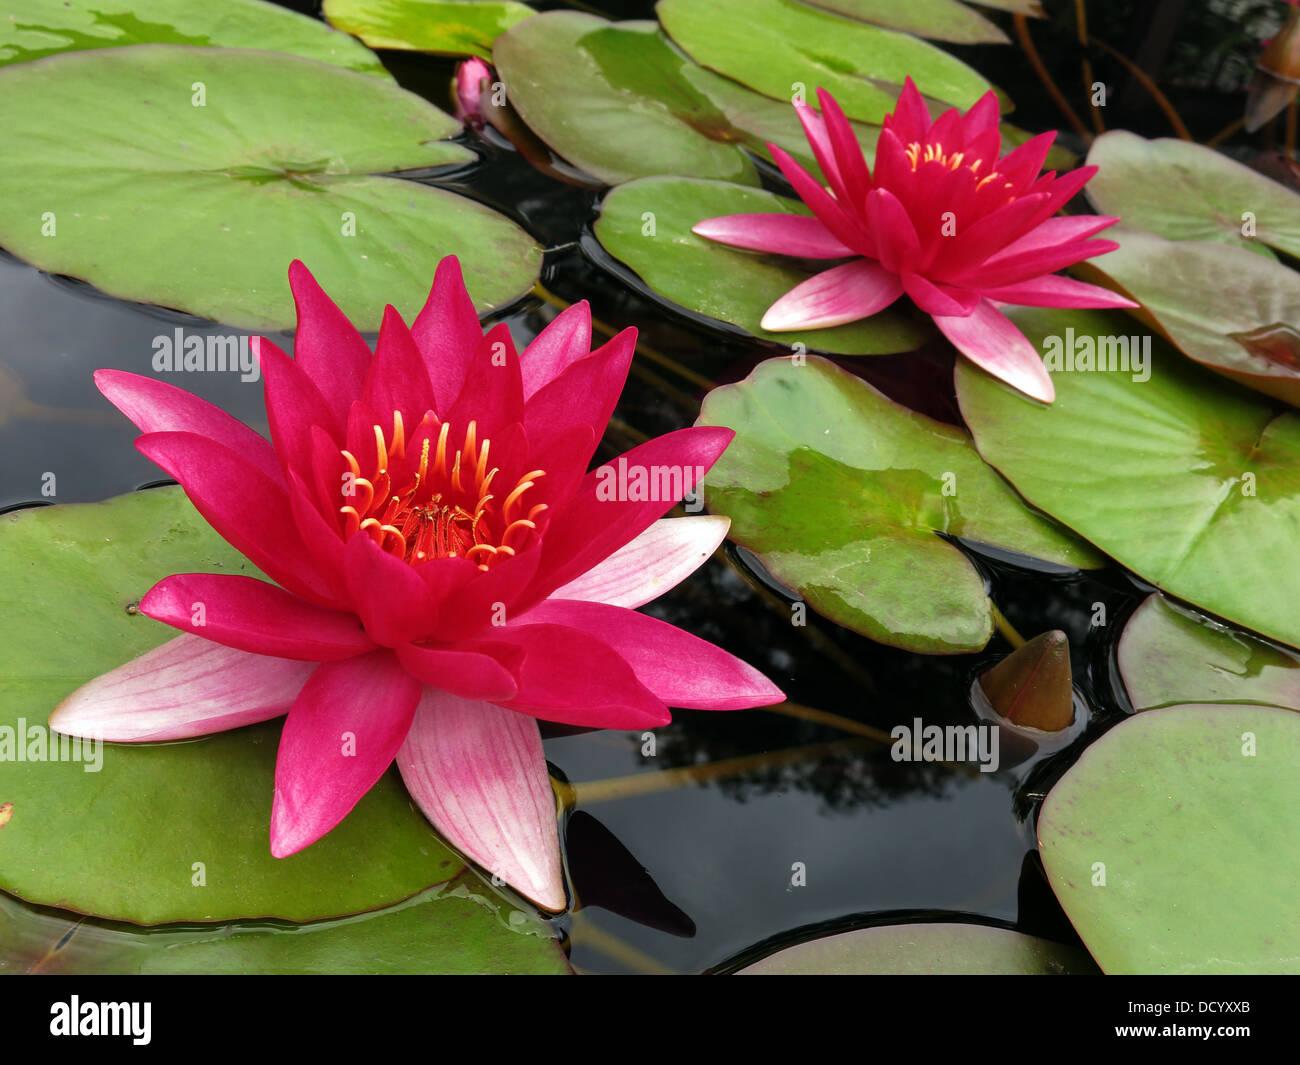 Laden Sie dieses Alamy Stockfoto Rosa waterlillie Blumen - Nymphaea in England, Vereinigtes Königreich - DCYXXB